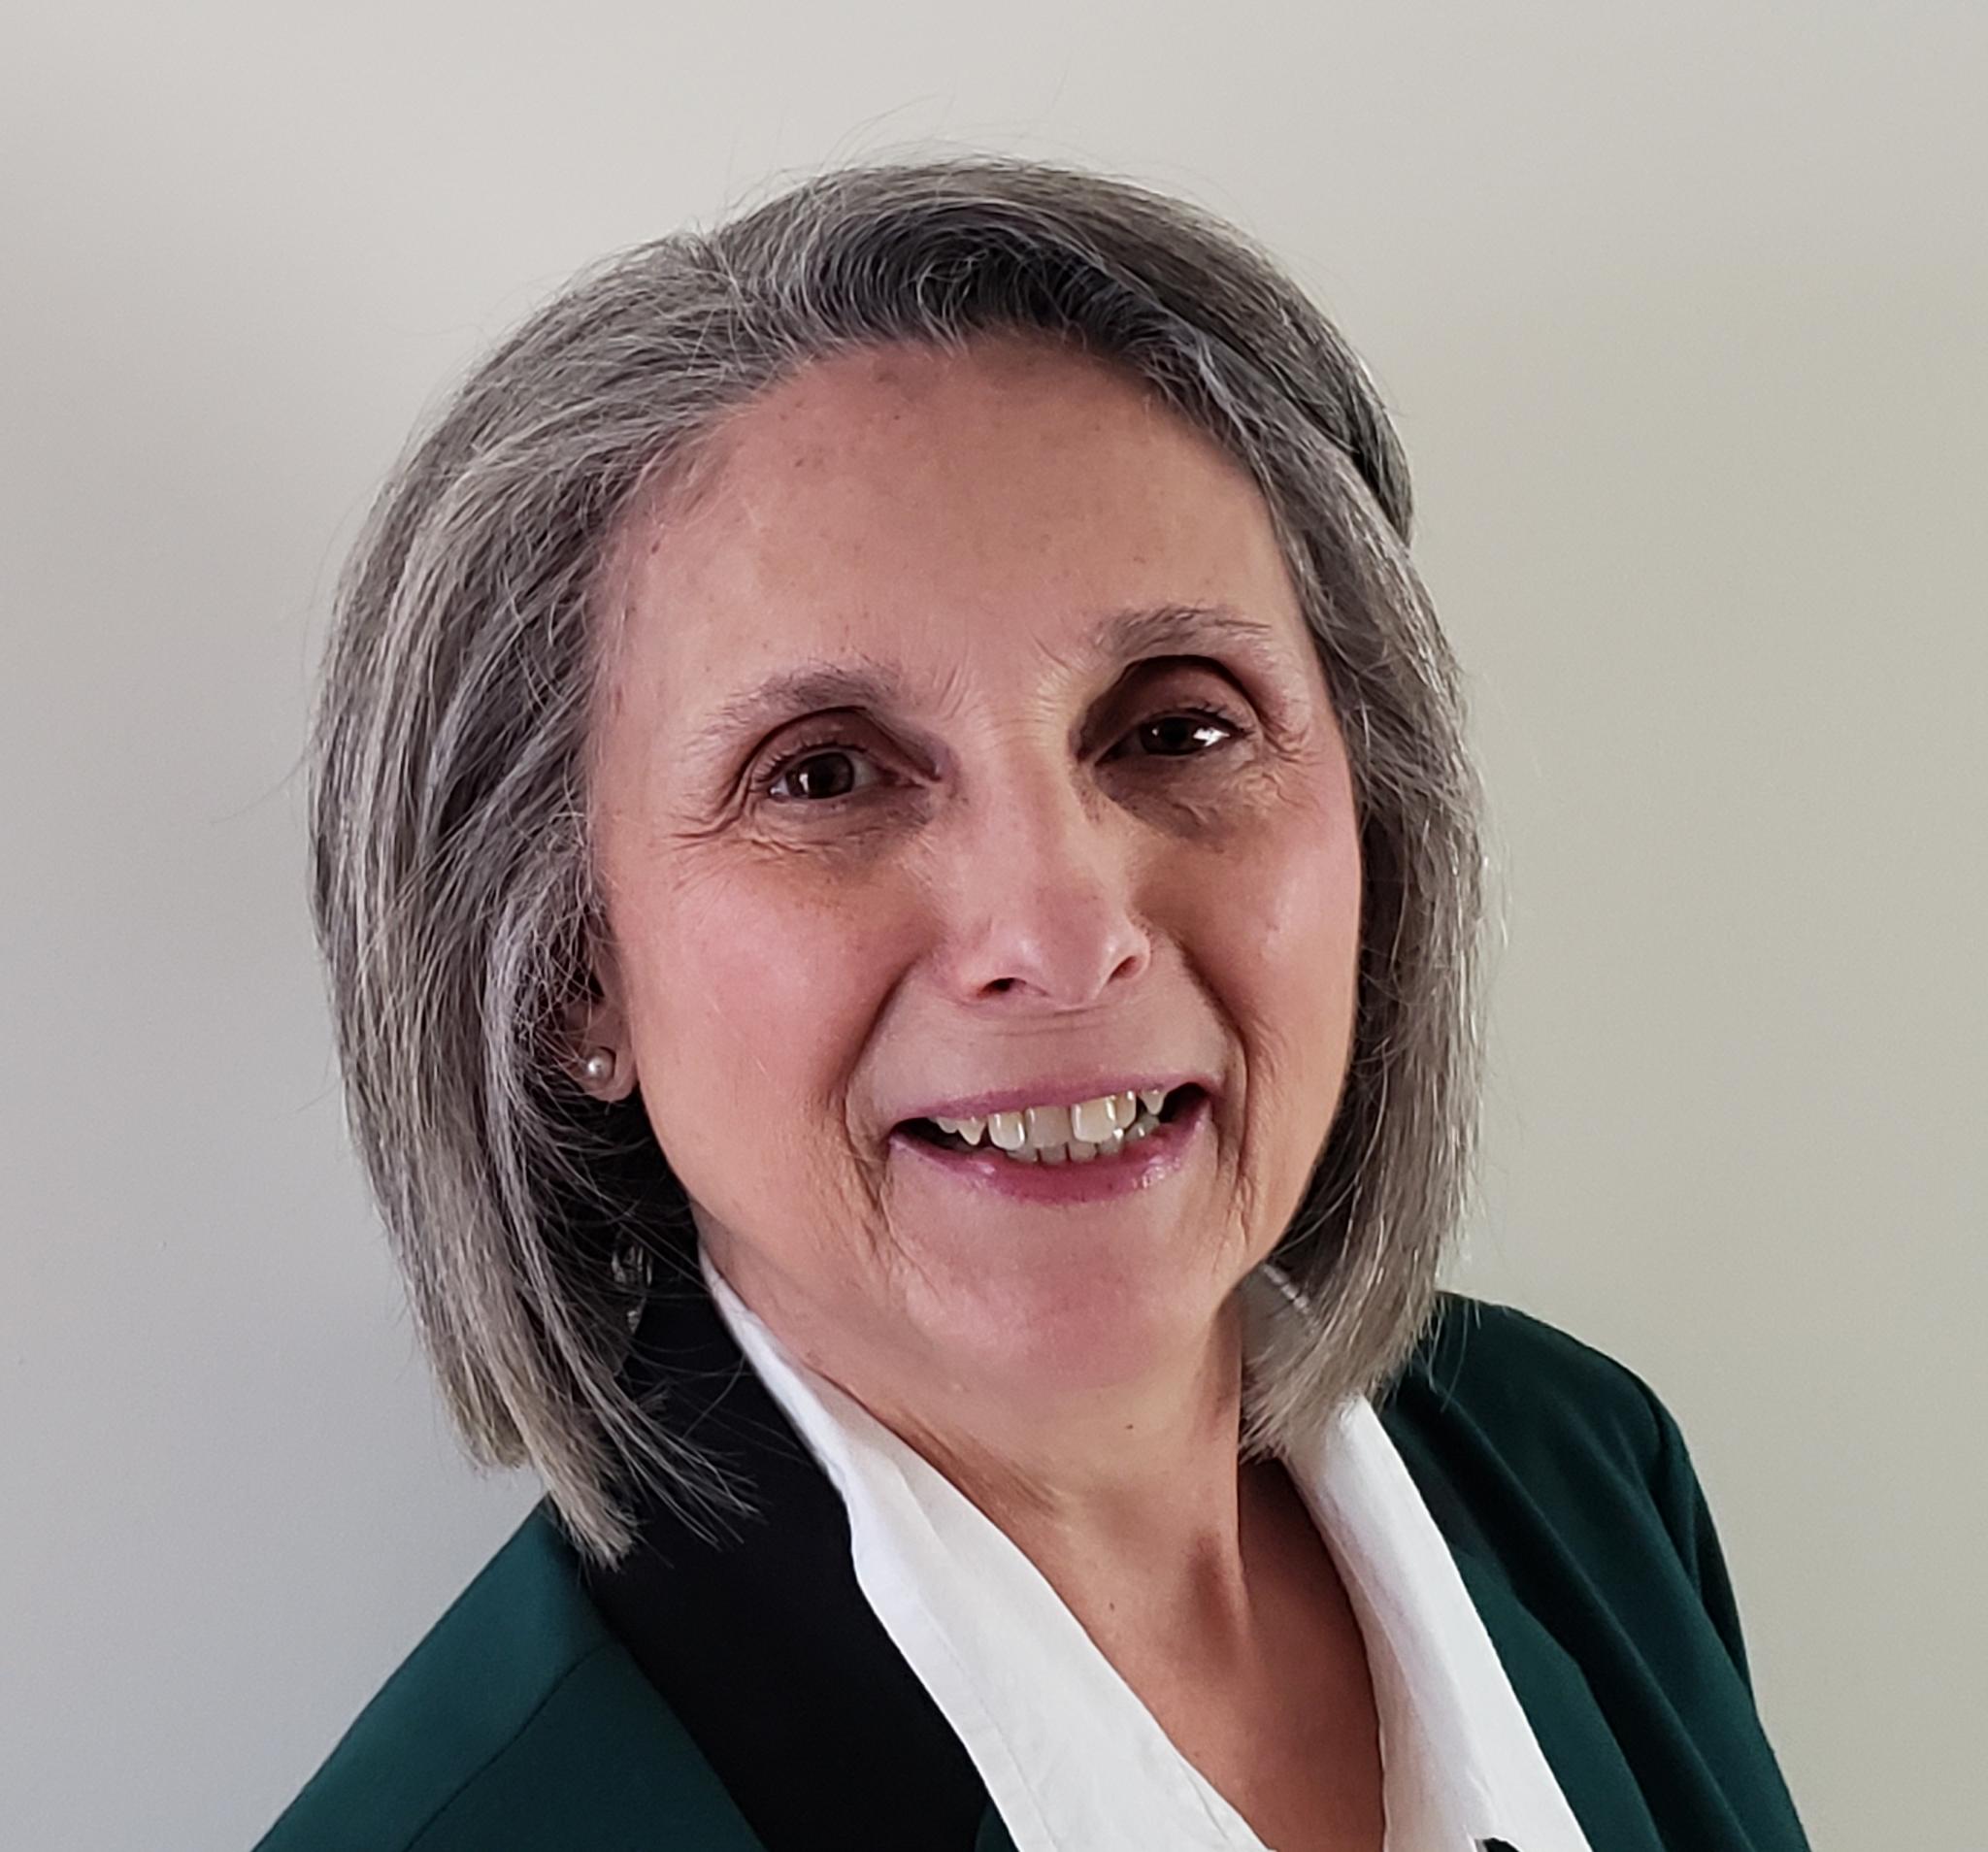 Mary Lou Essajanian